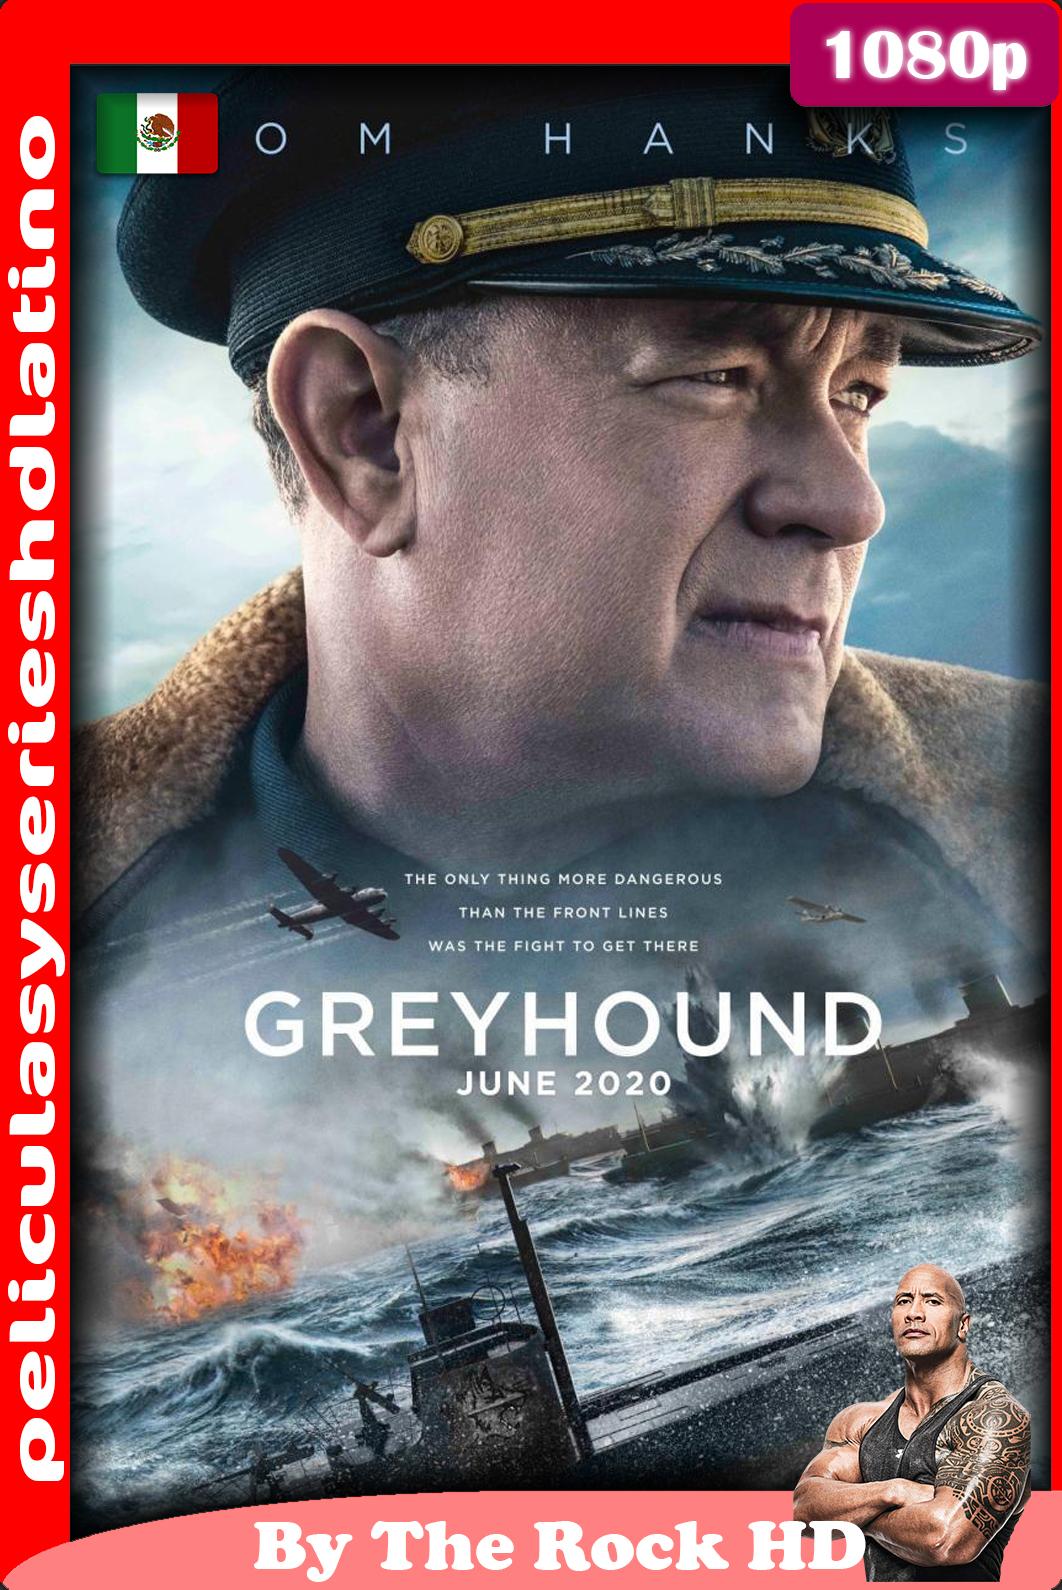 Greyhound: Enemigos bajo el mar,  (2020) [1080p] [Latino] [Google Drive](Enlace propio)